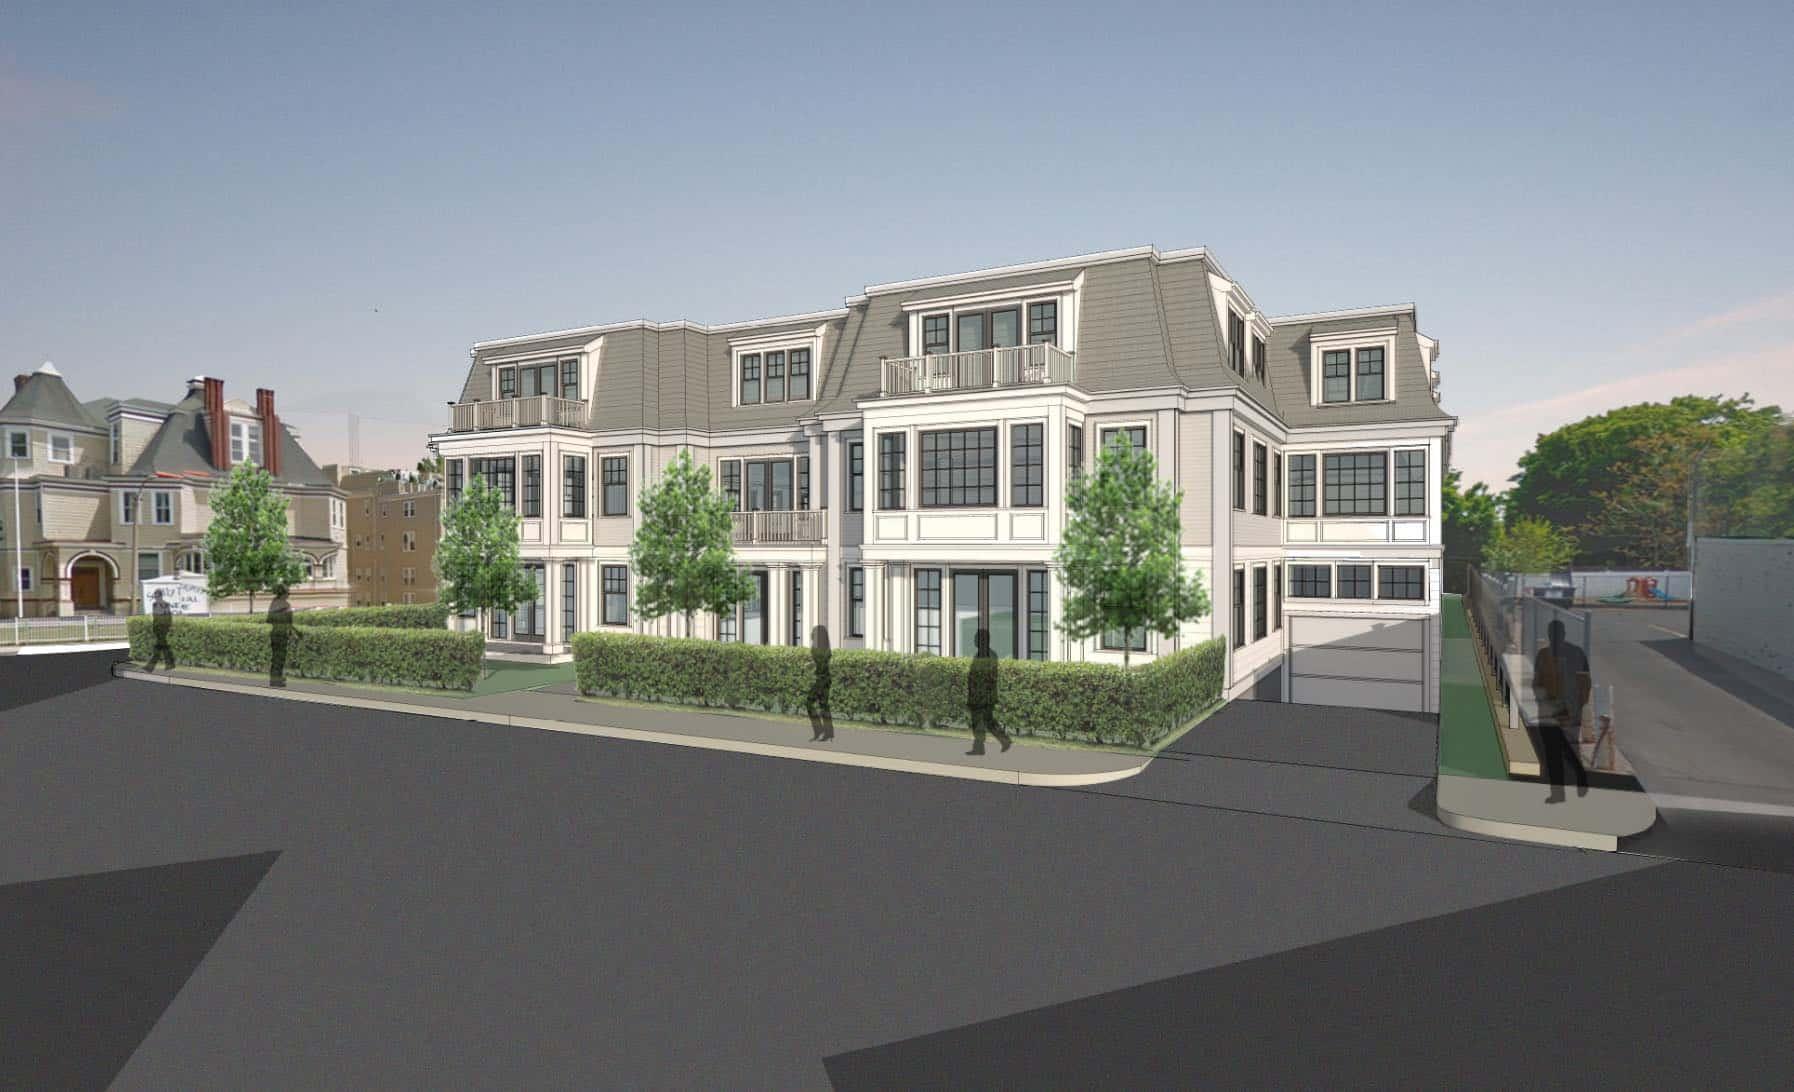 LIV Pleasant | Dorchester Luxury Condos